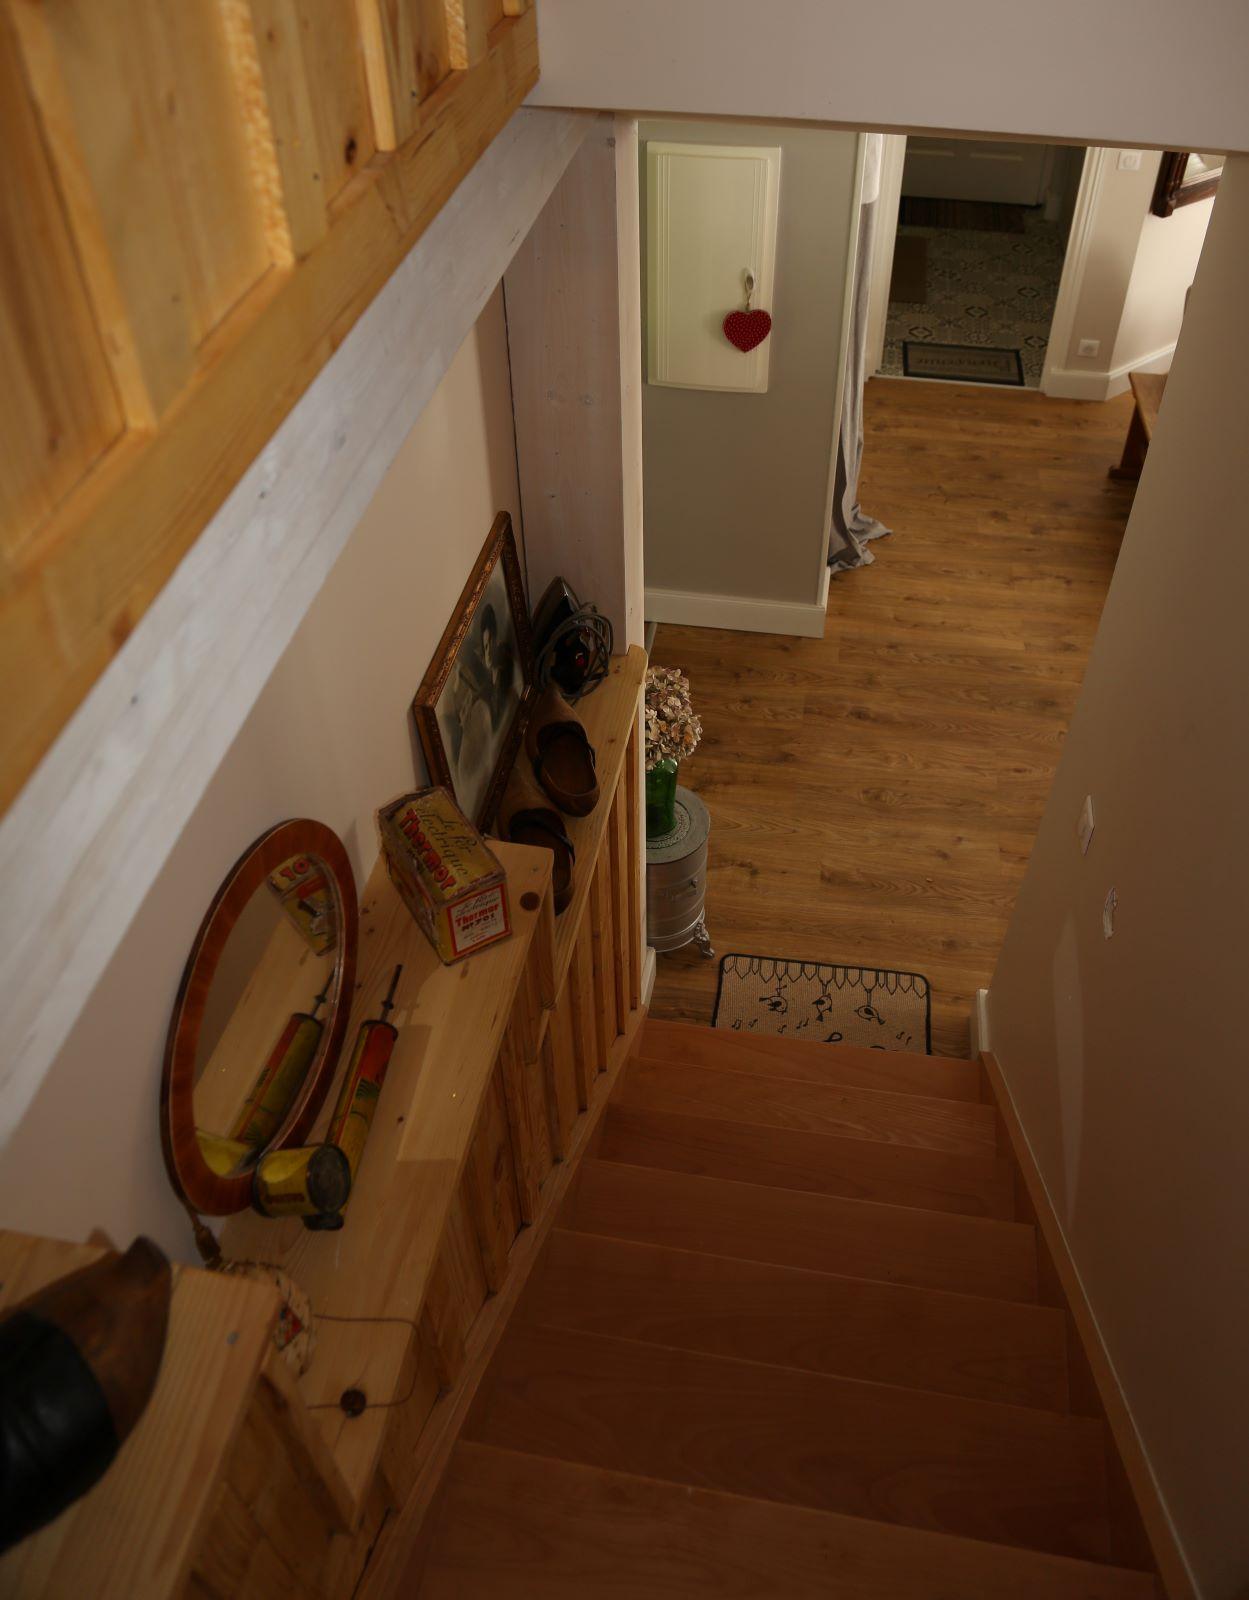 Escalier vers étage